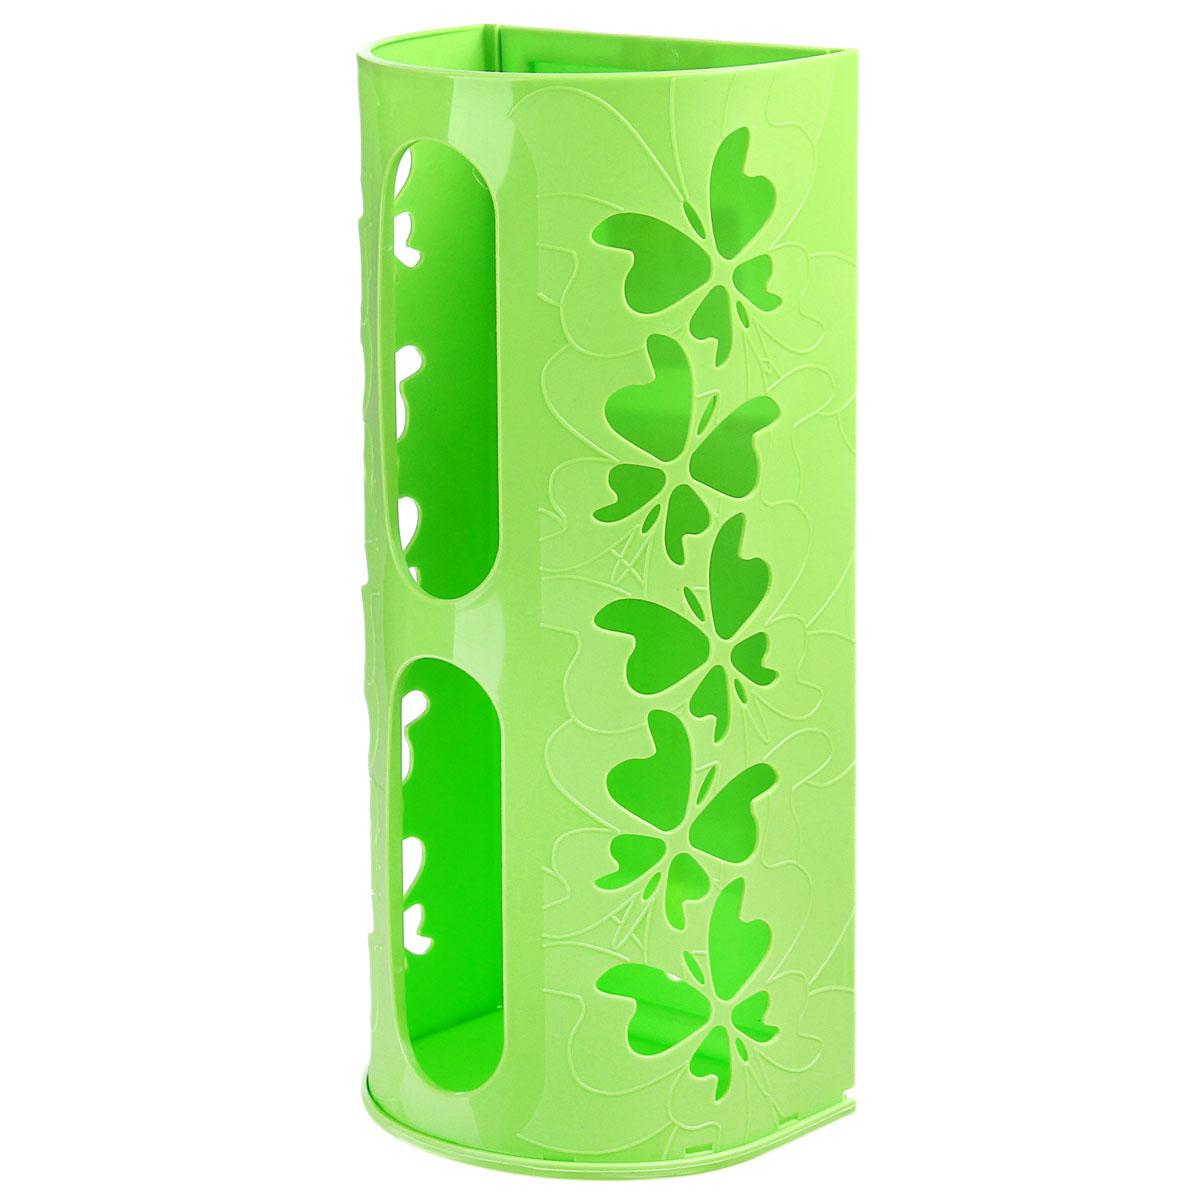 Корзина для пакетов Berossi Fly, цвет: салатовый868661Корзина для пакетов Berossi Fly, изготовлена из высококачественного пластика. Эта практичная корзина наведет порядок в кладовке или кухонном шкафу и позволит хранить пластиковые пакеты или хозяйственные сумочки во всегда доступном месте! Изделие декорировано резным изображением бабочек. Корзина просто подвешивается на дверь шкафчика изнутри или снаружи, в зависимости от назначения. Корзина для пакетов Berossi Fly будет замечательным подарком для поддержания чистоты и порядка. Она сэкономит место, гармонично впишется в интерьер и будет радовать вас уникальным дизайном.